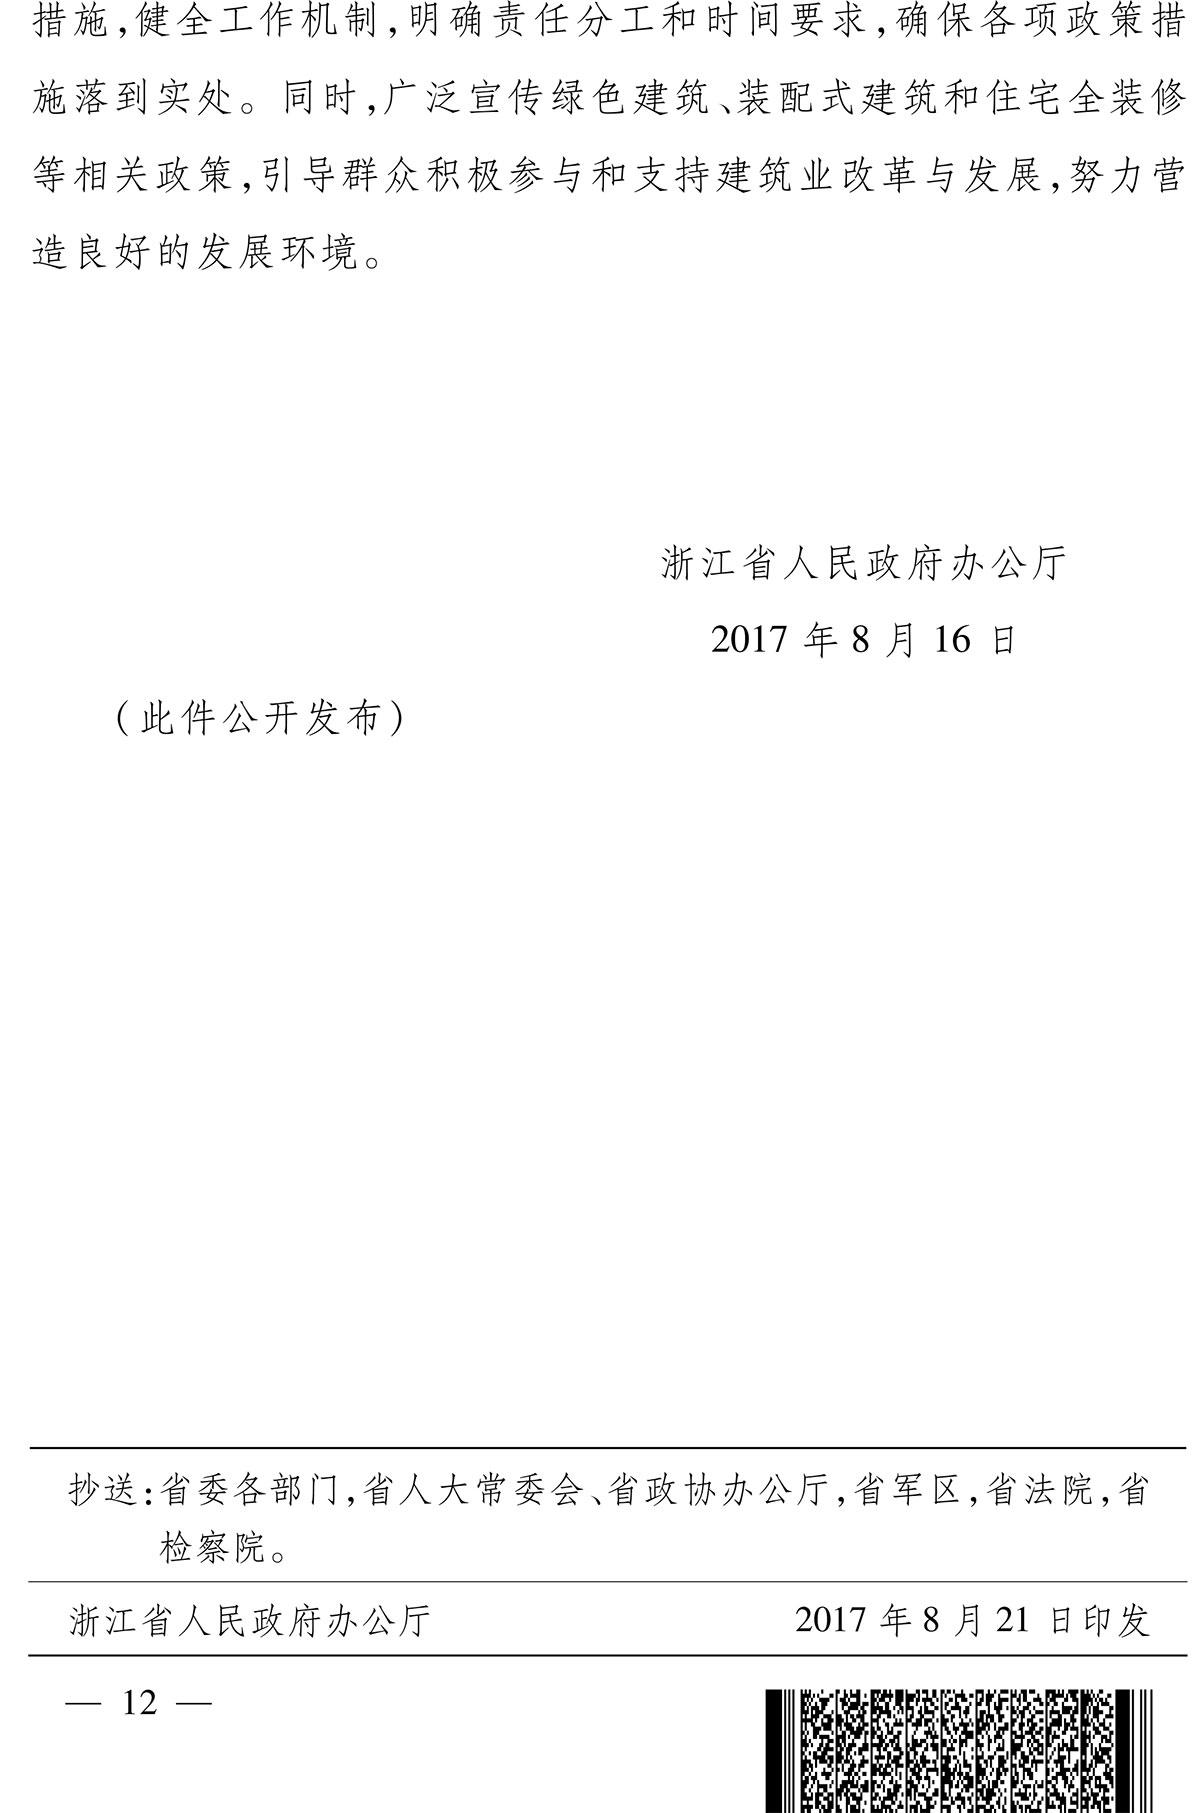 浙江省人民政府办公厅关于加快建筑业改革与发展的实施意见-12.jpg